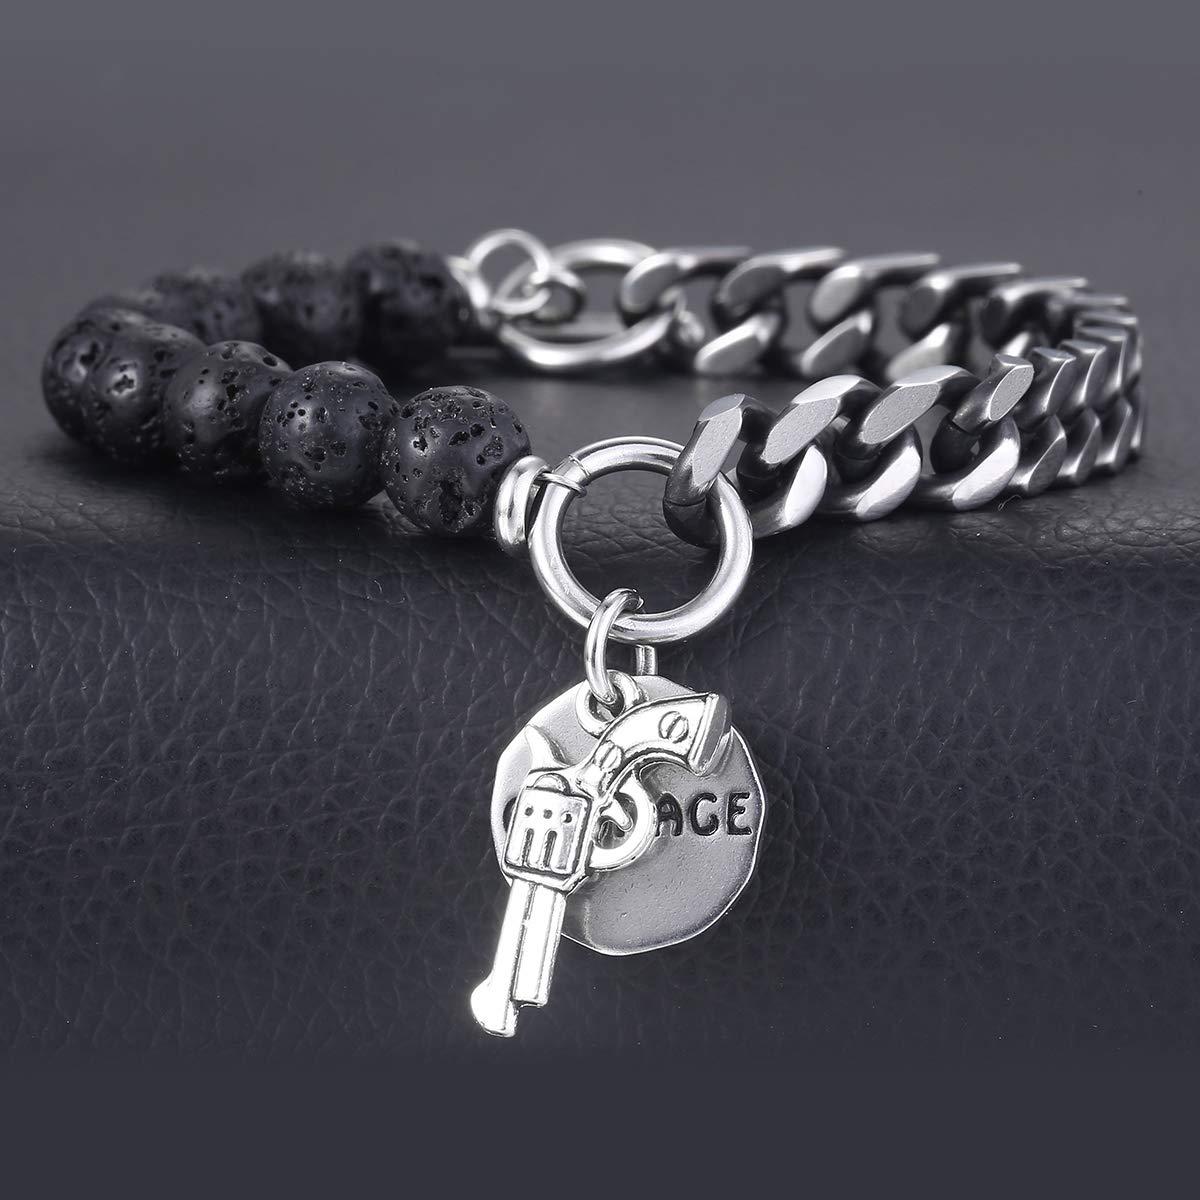 f3c4a2cd0caf5 Davieslee 8mm Bracelet Gourmette Cubain Chaîne pour Hommes Femmes Perle de  Pierre de Lave Bracelet en Acier Inoxydable ...